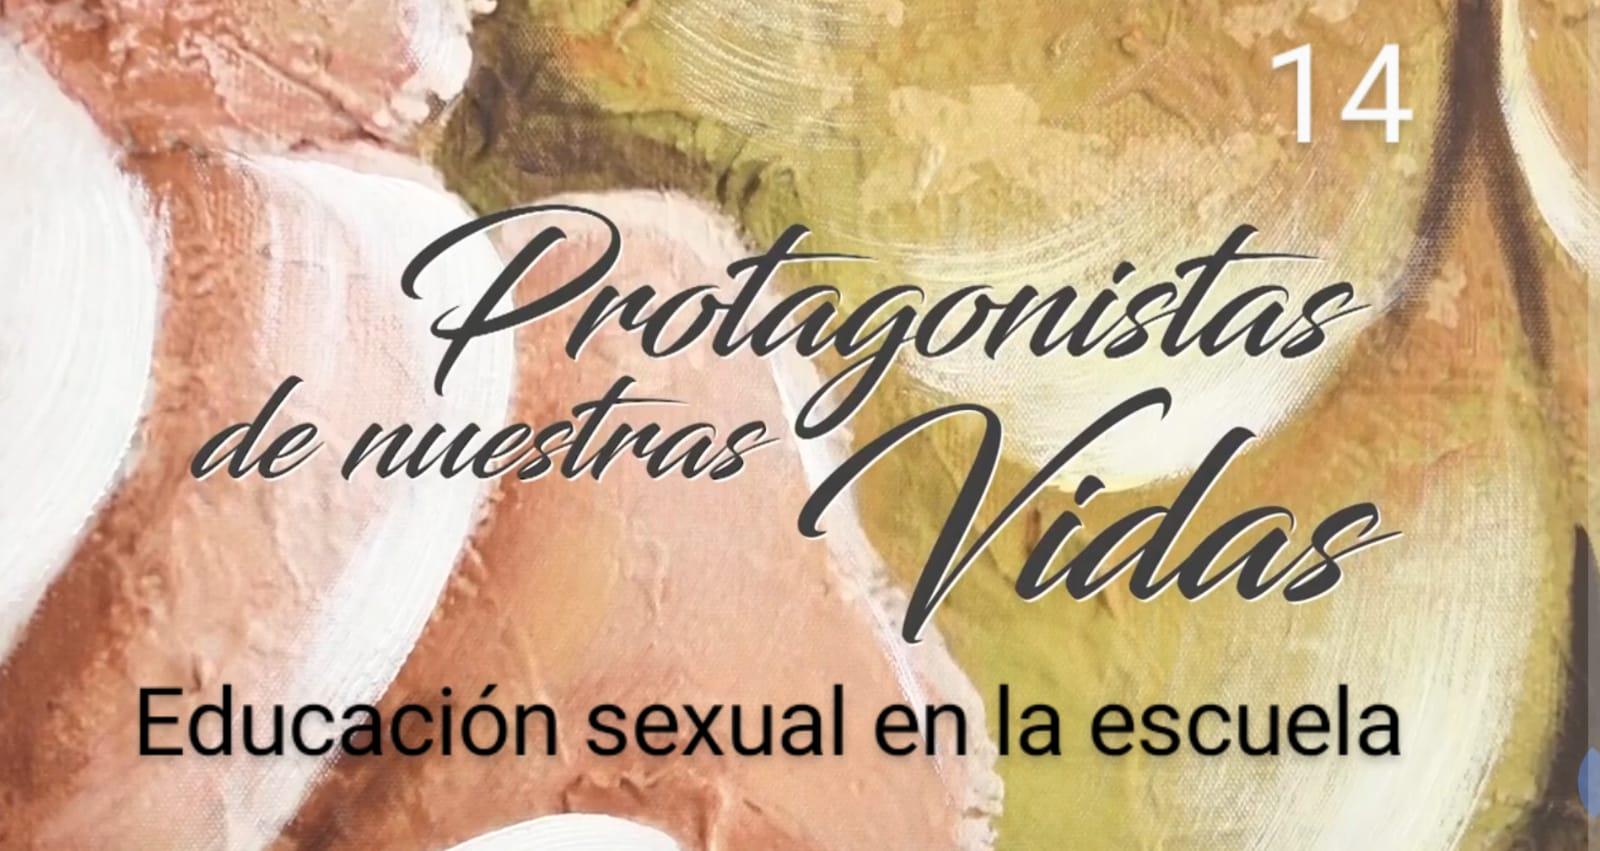 Protagonistas de nuestras vidas 14: Educando y Aprendiendo sobre sexualidad mientras jugamos